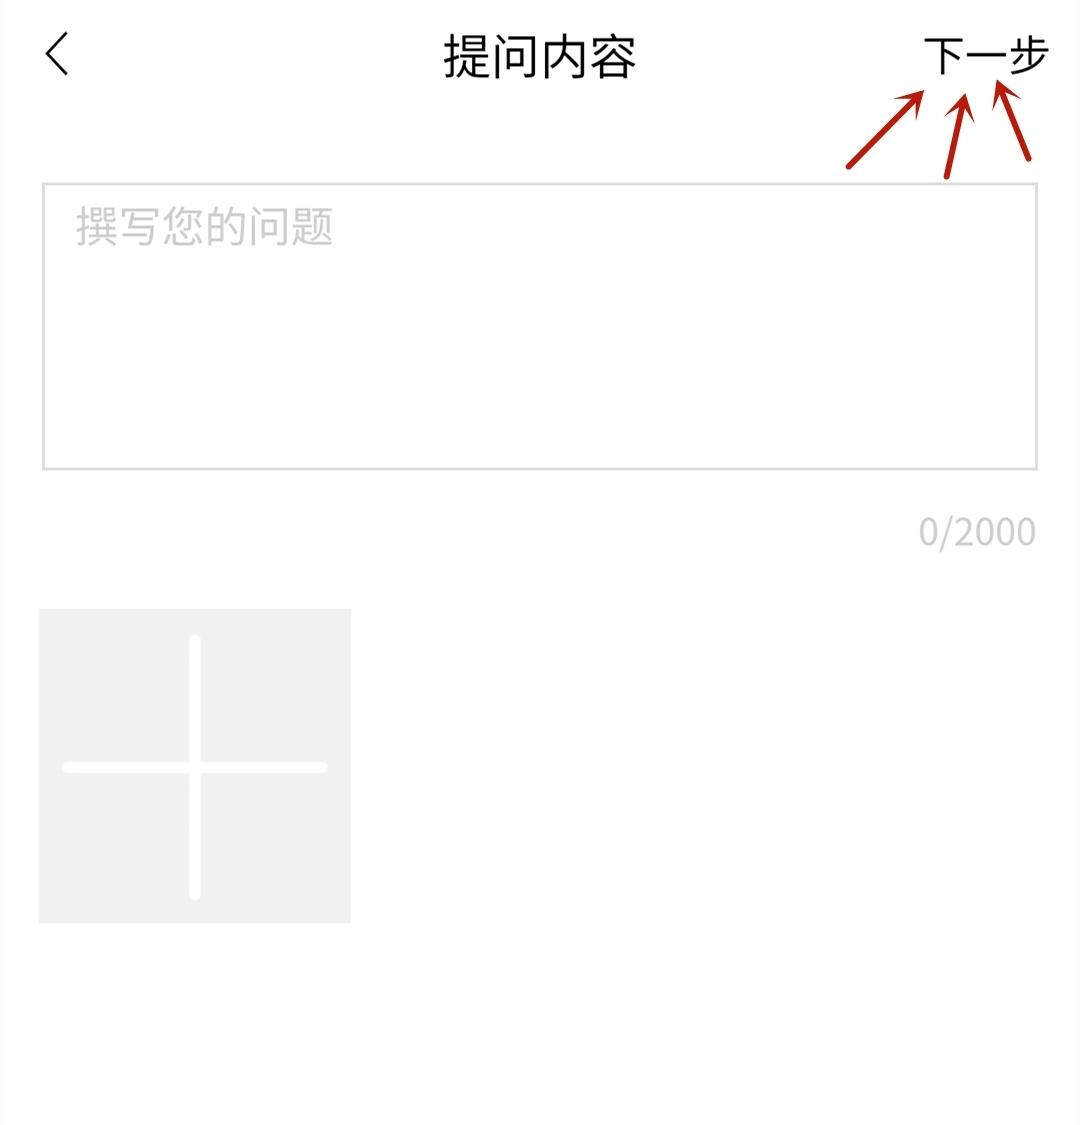 微信图片_20210406145420.jpg